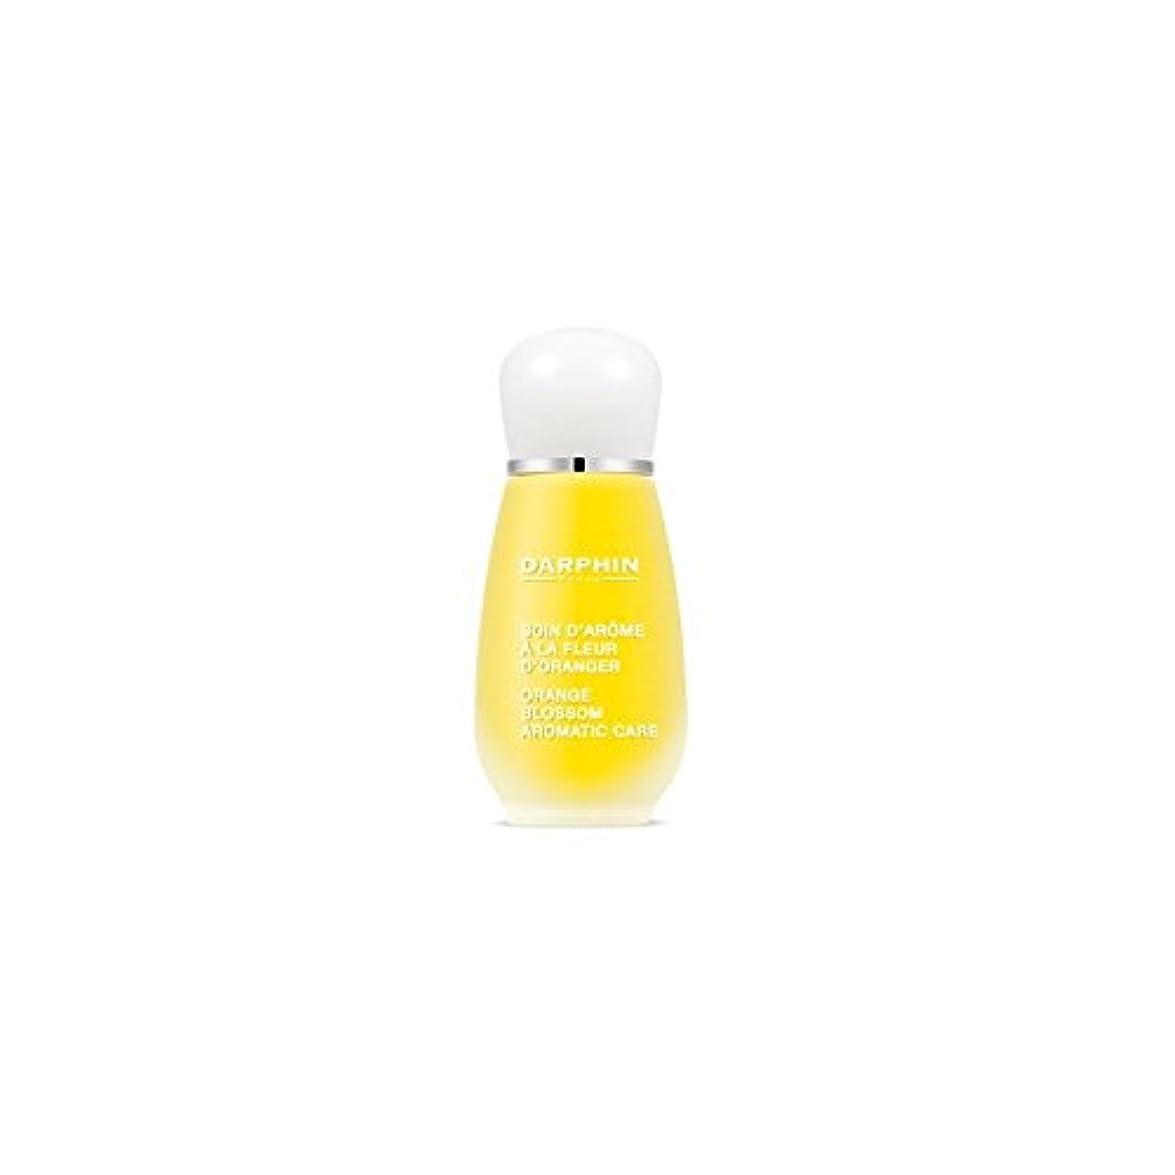 多年生提案雰囲気ダルファンオレンジの花の芳香ケア(15ミリリットル) x4 - Darphin Orange Blossom Aromatic Care (15ml) (Pack of 4) [並行輸入品]